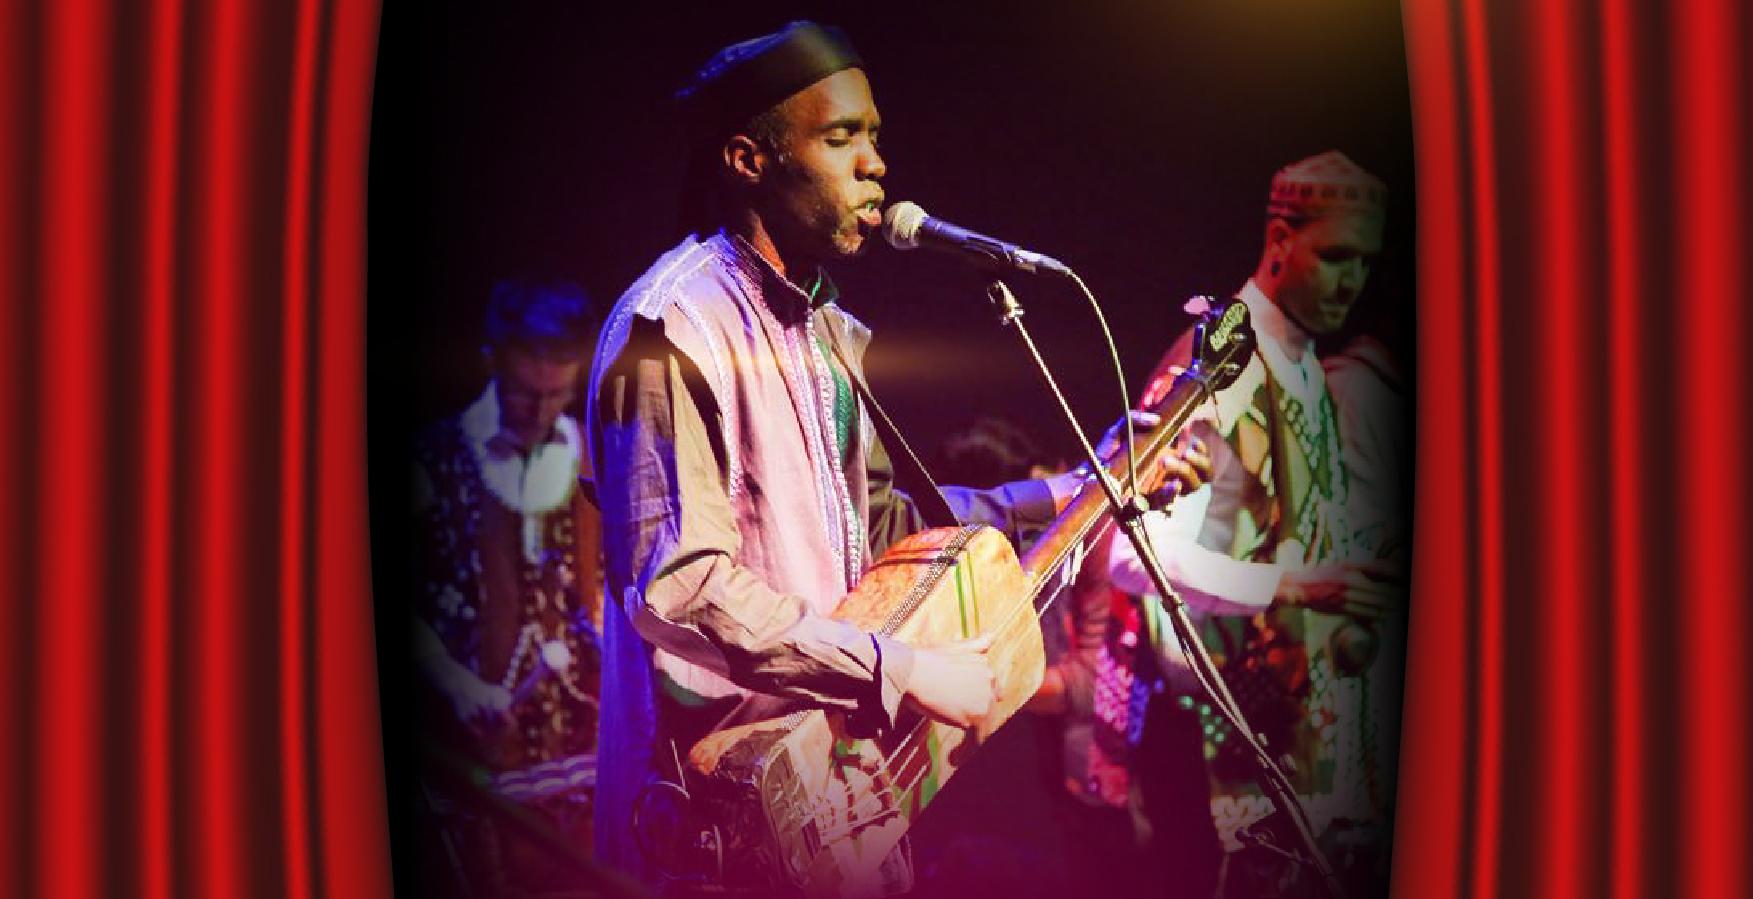 «Gnawa Racines» nouveau projet du Mâallem Hassan Boussou ce Mercredi 25 Janvier à l'institut Français de Casablanca